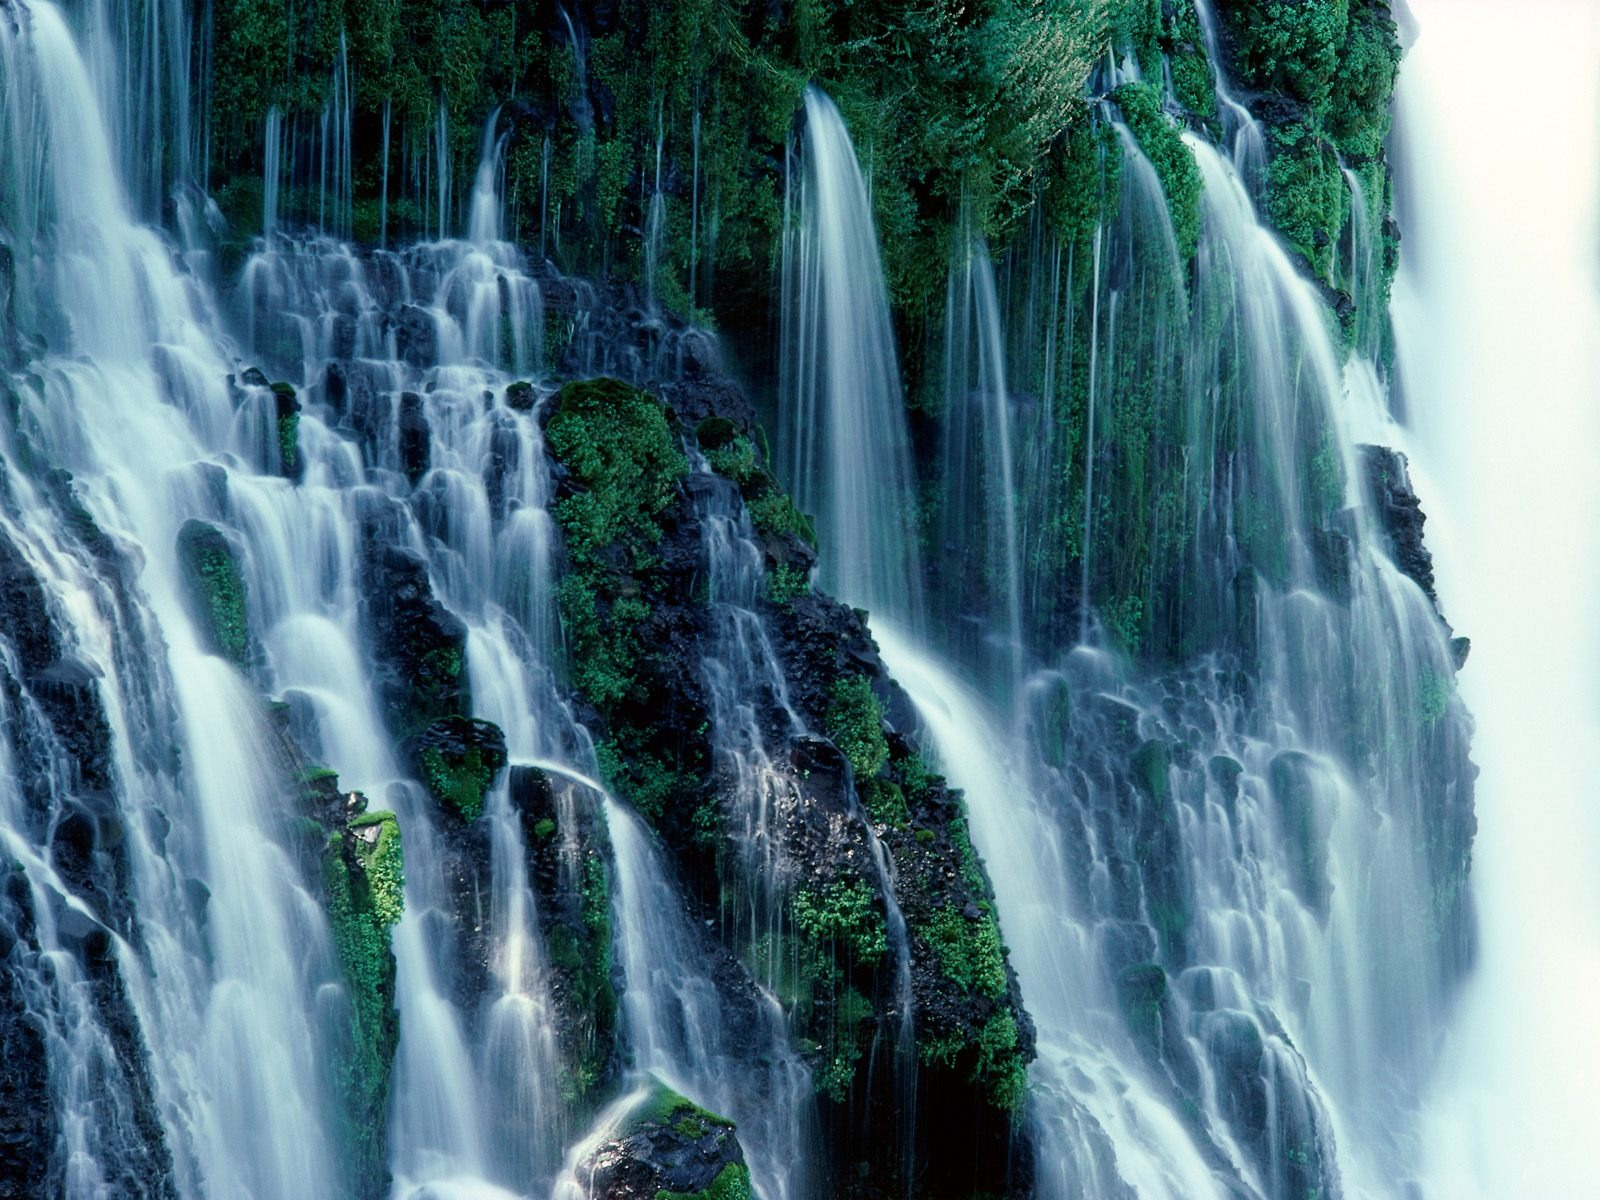 Burney Falls Wallpaper Waterfalls Nature Wallpapers In Jpg Format